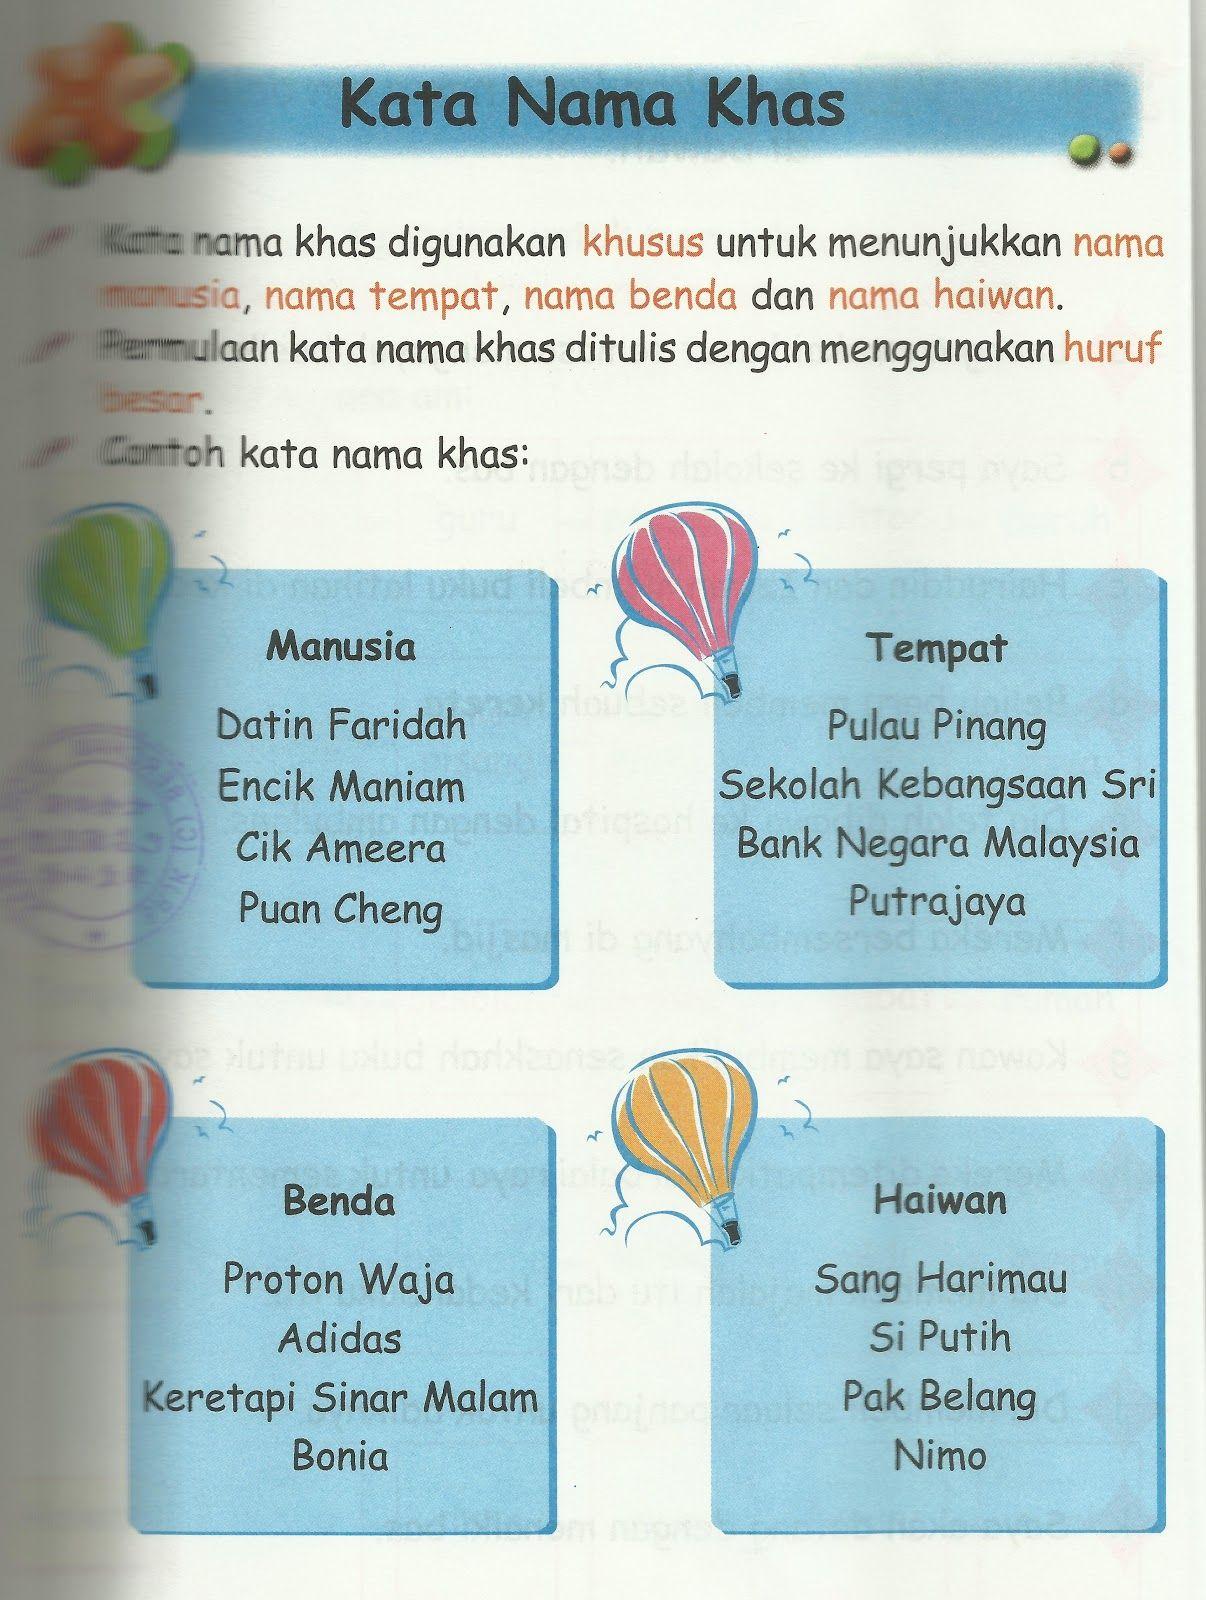 Kata Nama Digunakan Untuk Menyebut Nama Orang Banda Tempat Dan Binatang Kata Nama Terbahagi Kepada A Kata Classroom Activities Malay Language Language